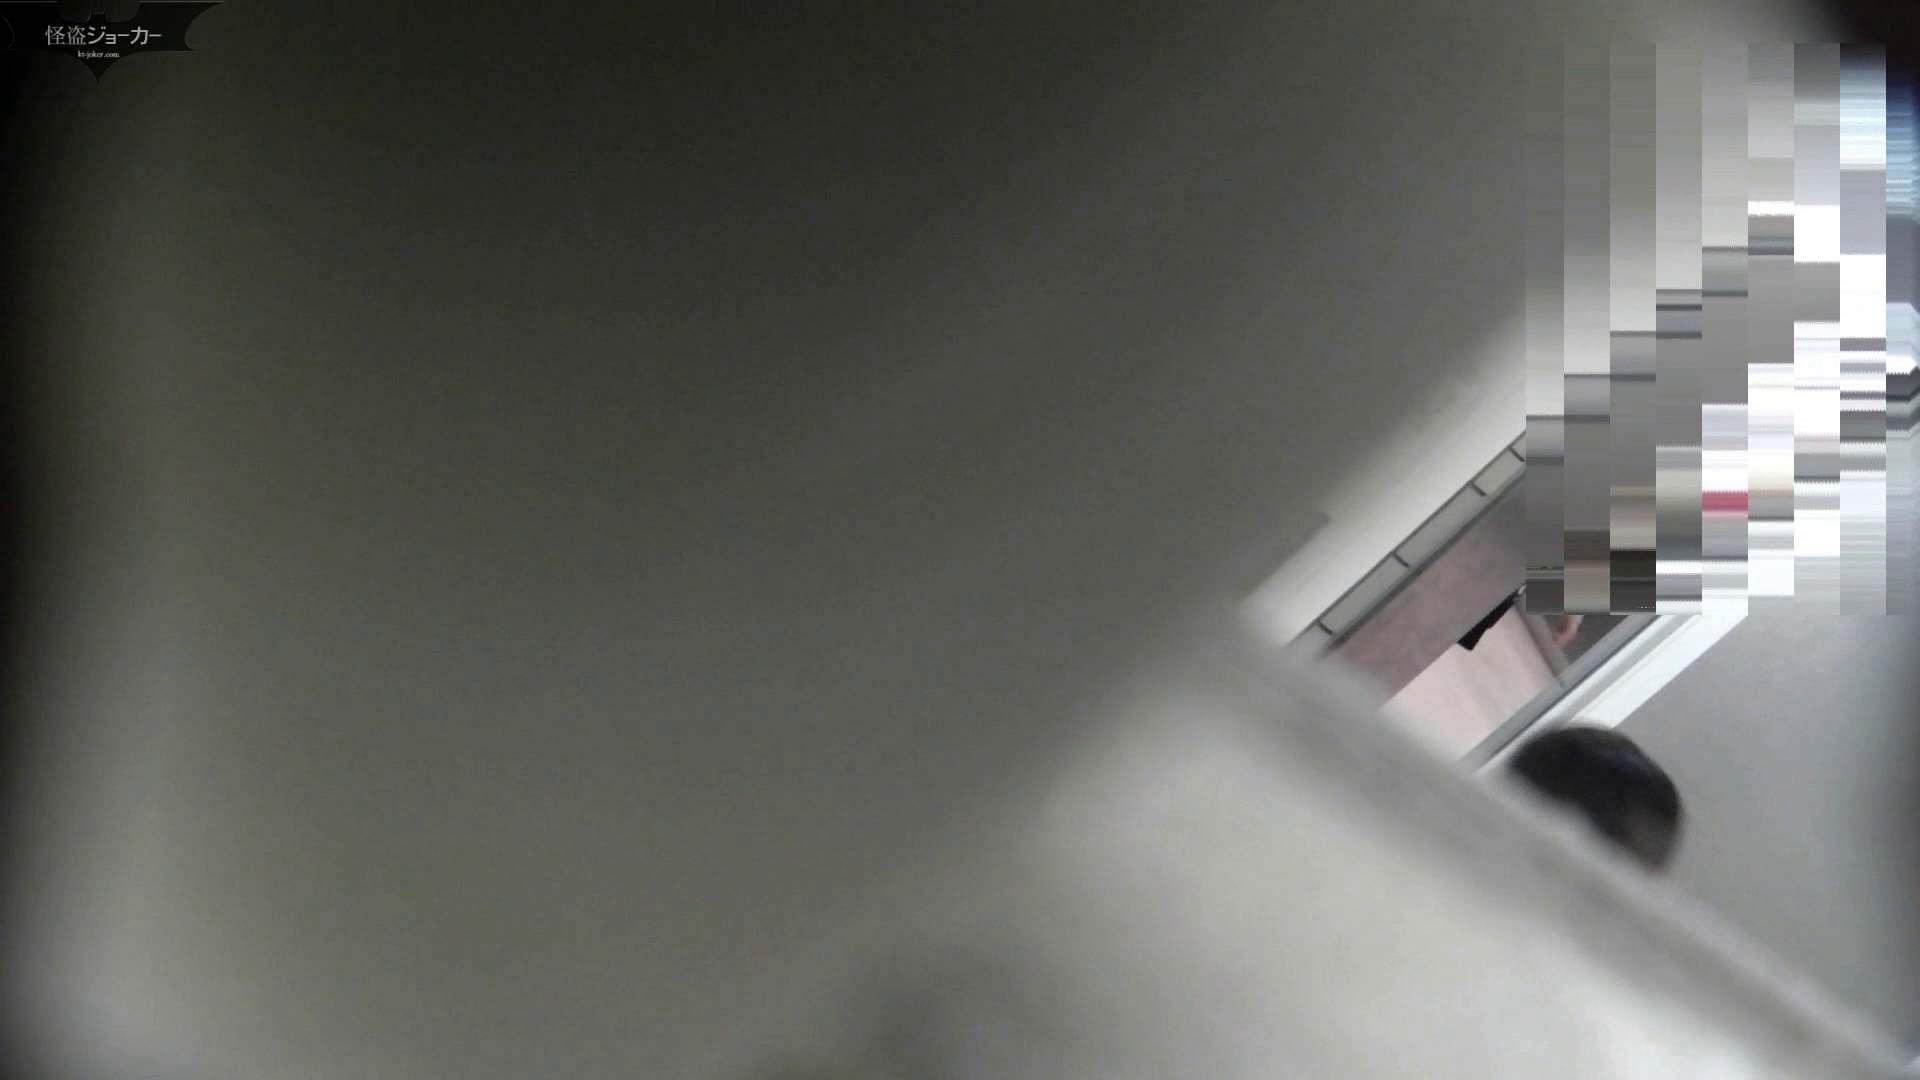 【美しき個室な世界】洗面所特攻隊 vol.051 丸見え おめこ無修正動画無料 100枚 31